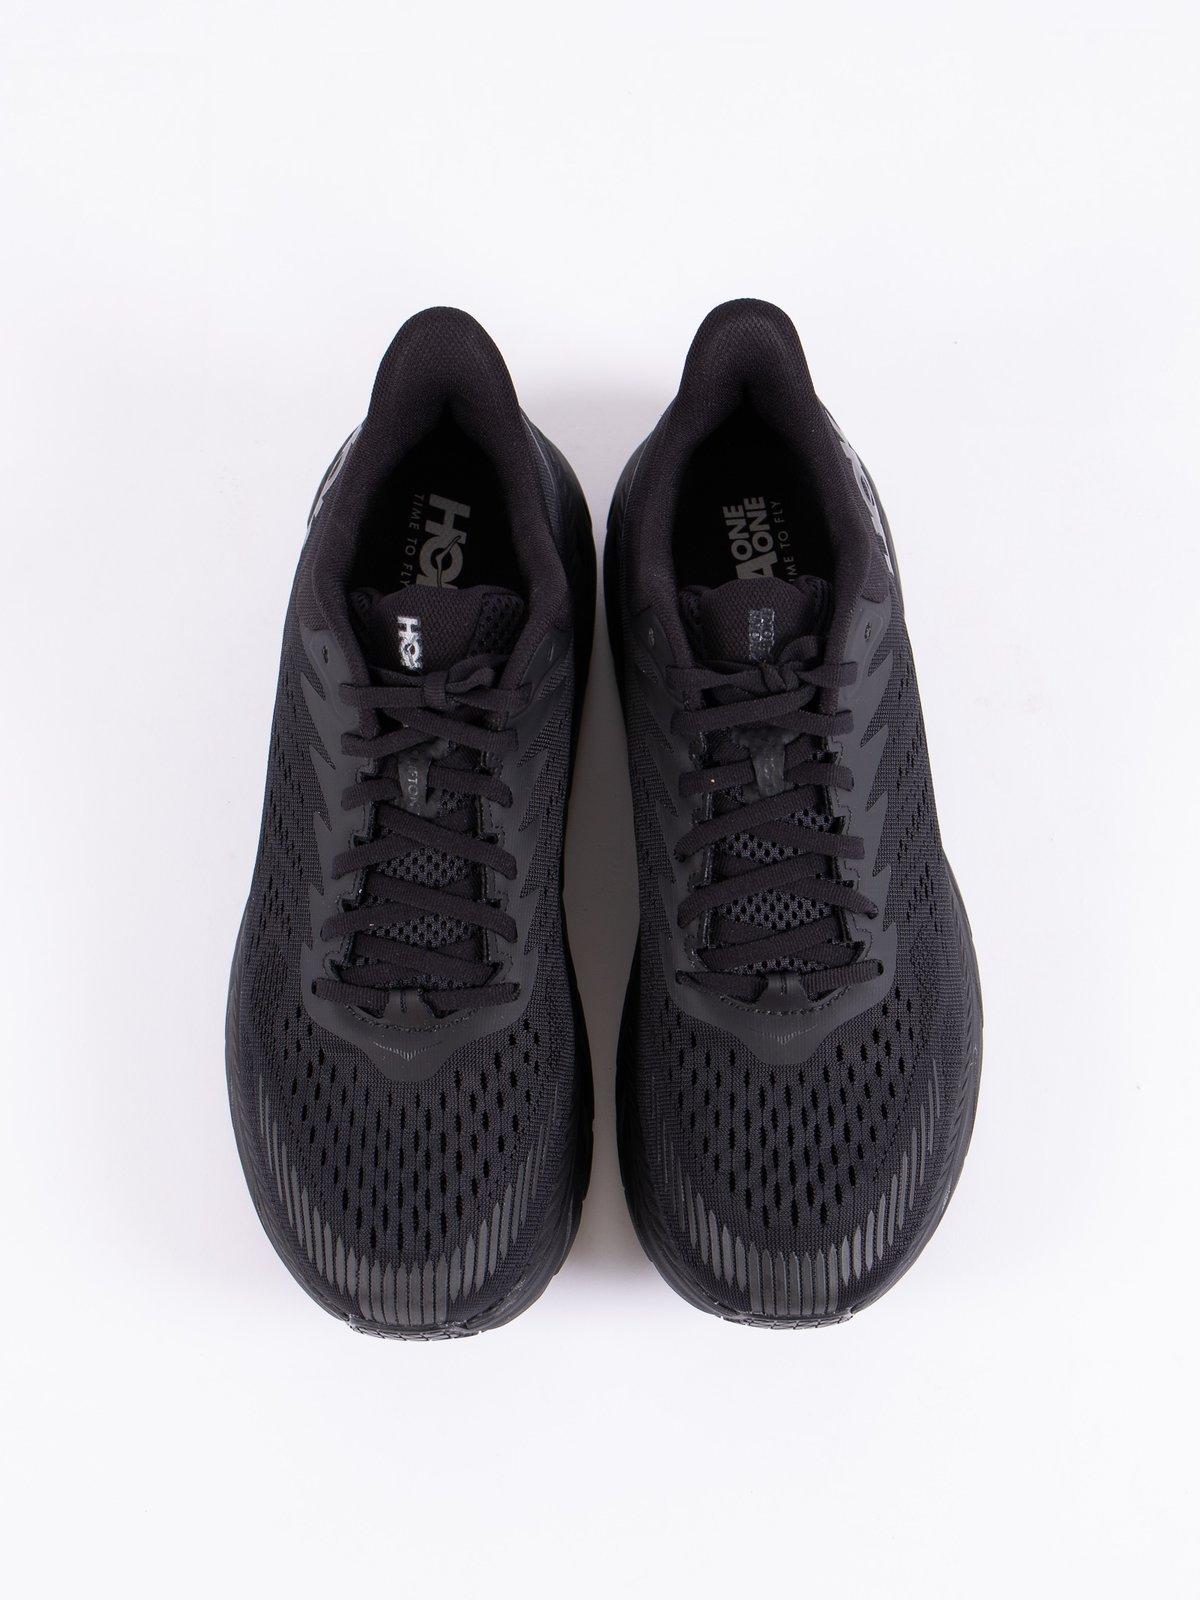 Black/Black Clifton 7 - Image 6